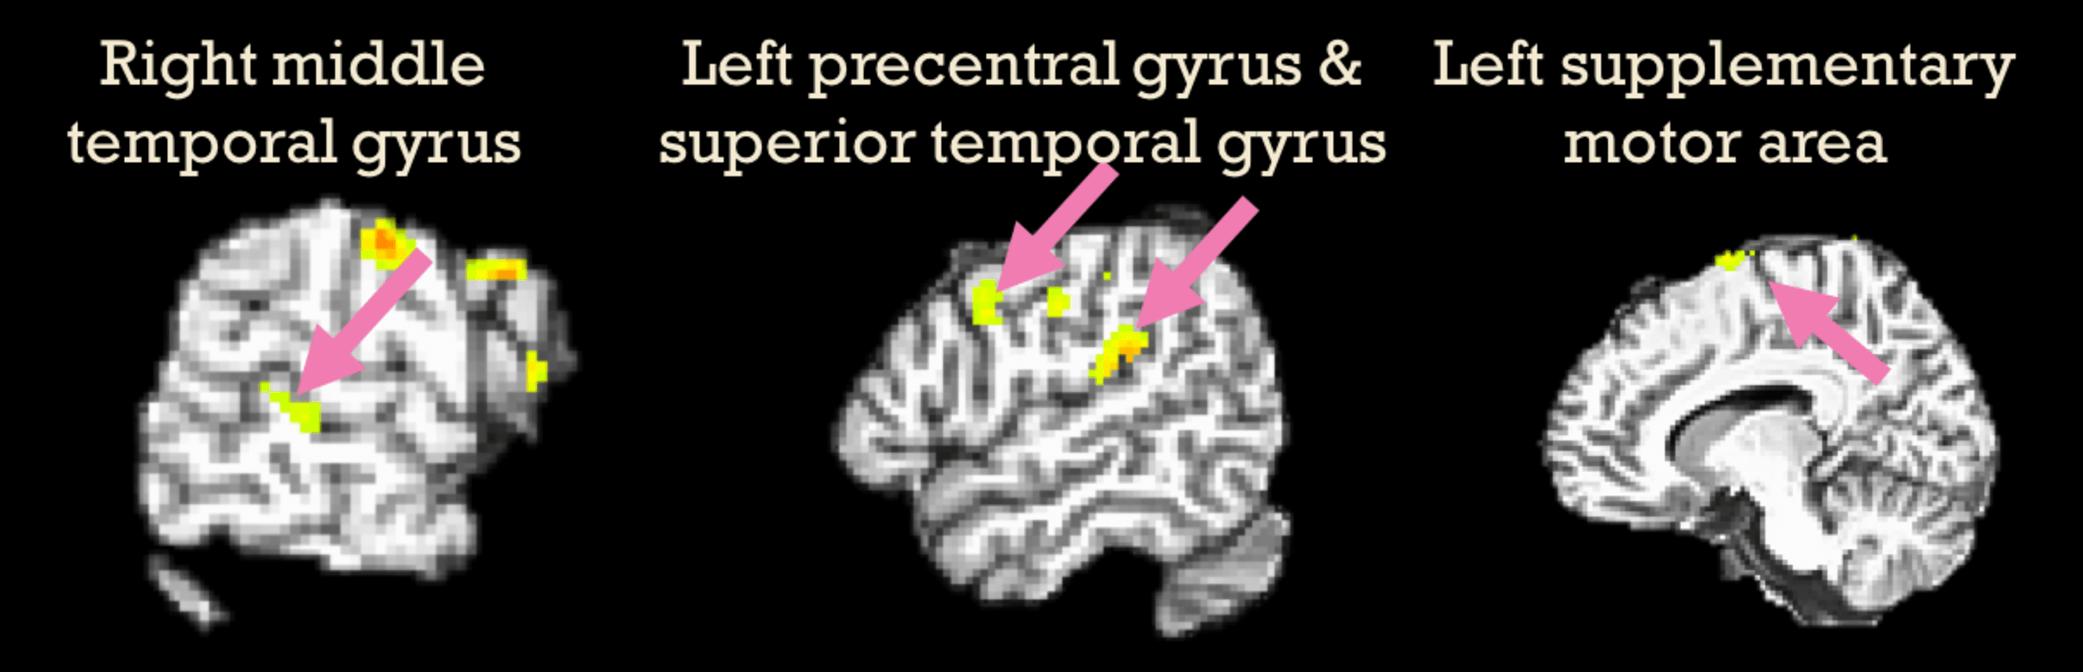 Acheulian bilişsel ağını biçimlendiren beyin bölümleri, ayrıca piyanistler piyano çalışırken de aktif.